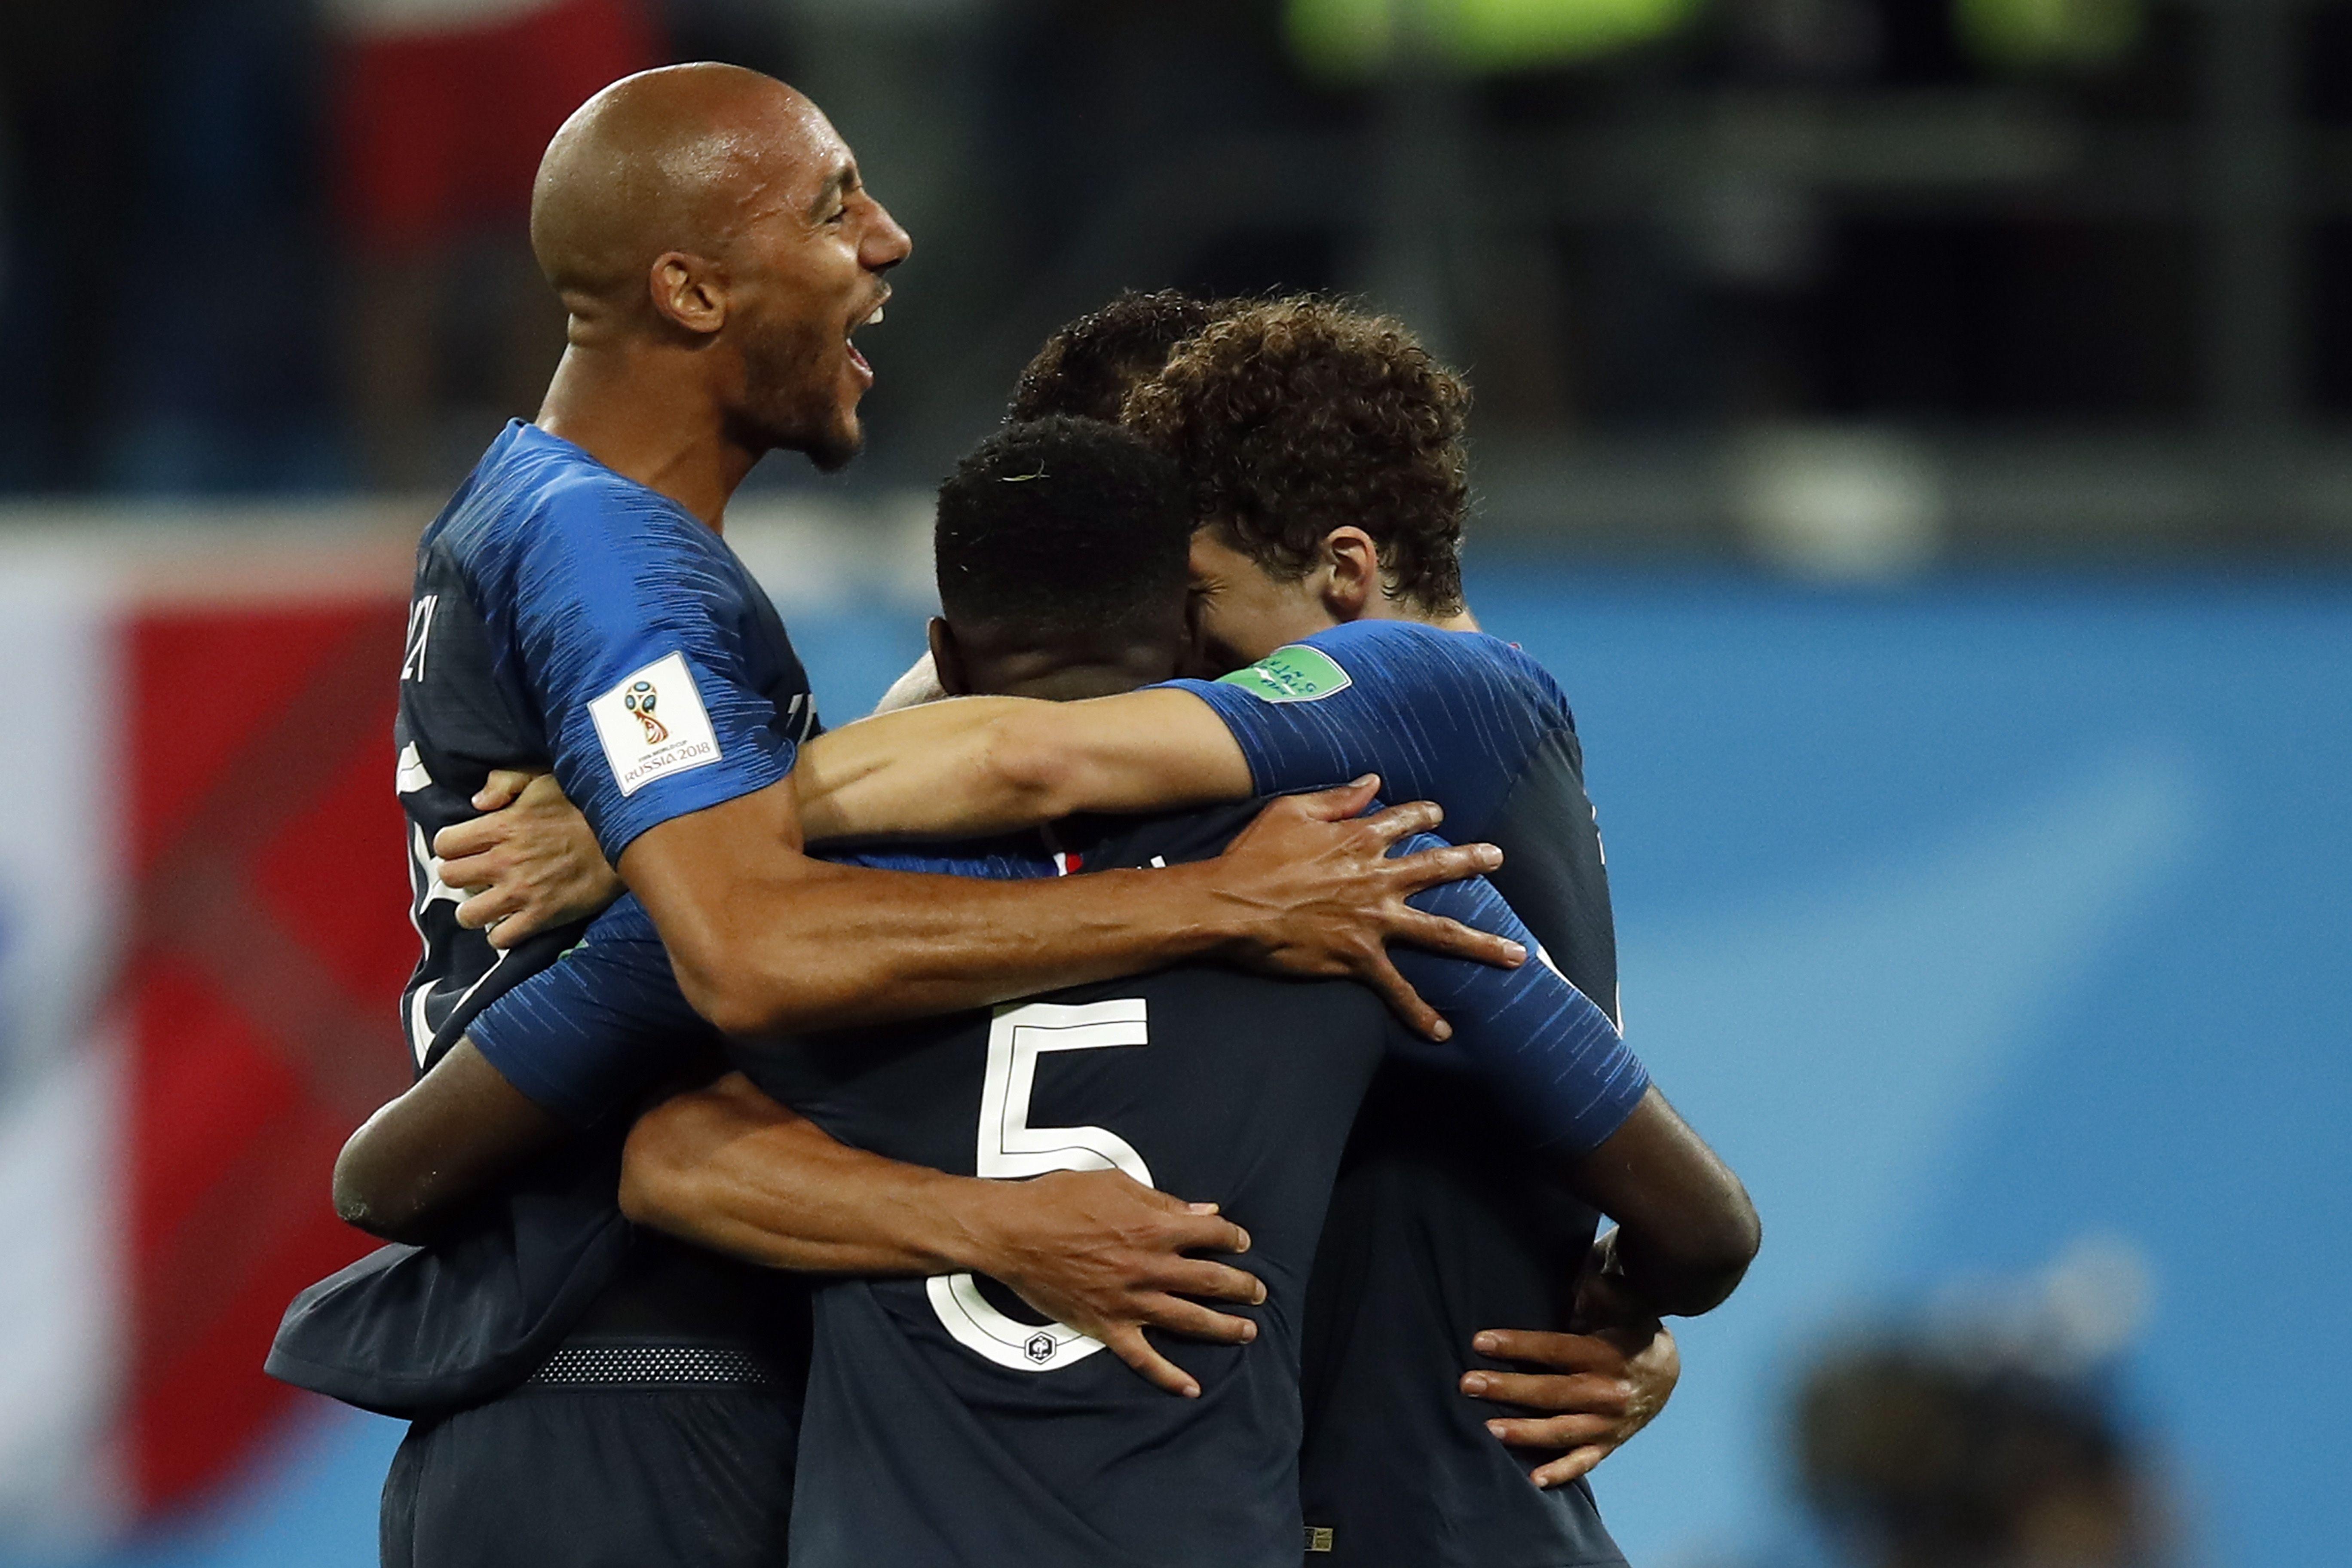 世足賽法國以1:0擊敗比利時,圖為終場哨響,法國球員抱成一團慶祝。(Getty Images)